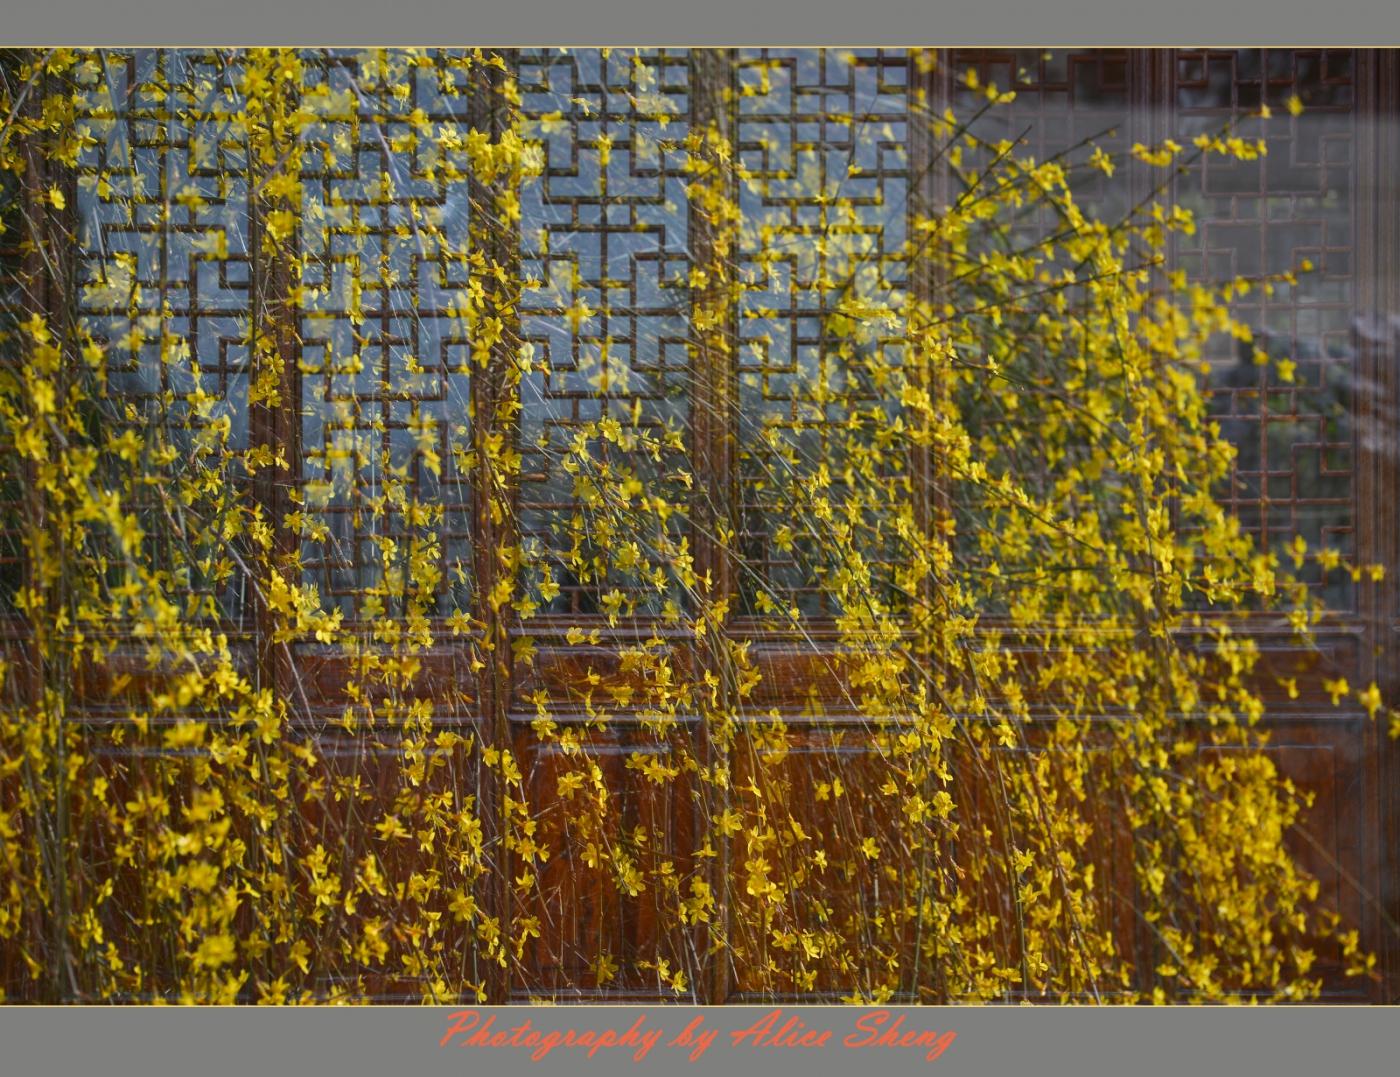 迎春花以盛开,春天快来临了_图1-3